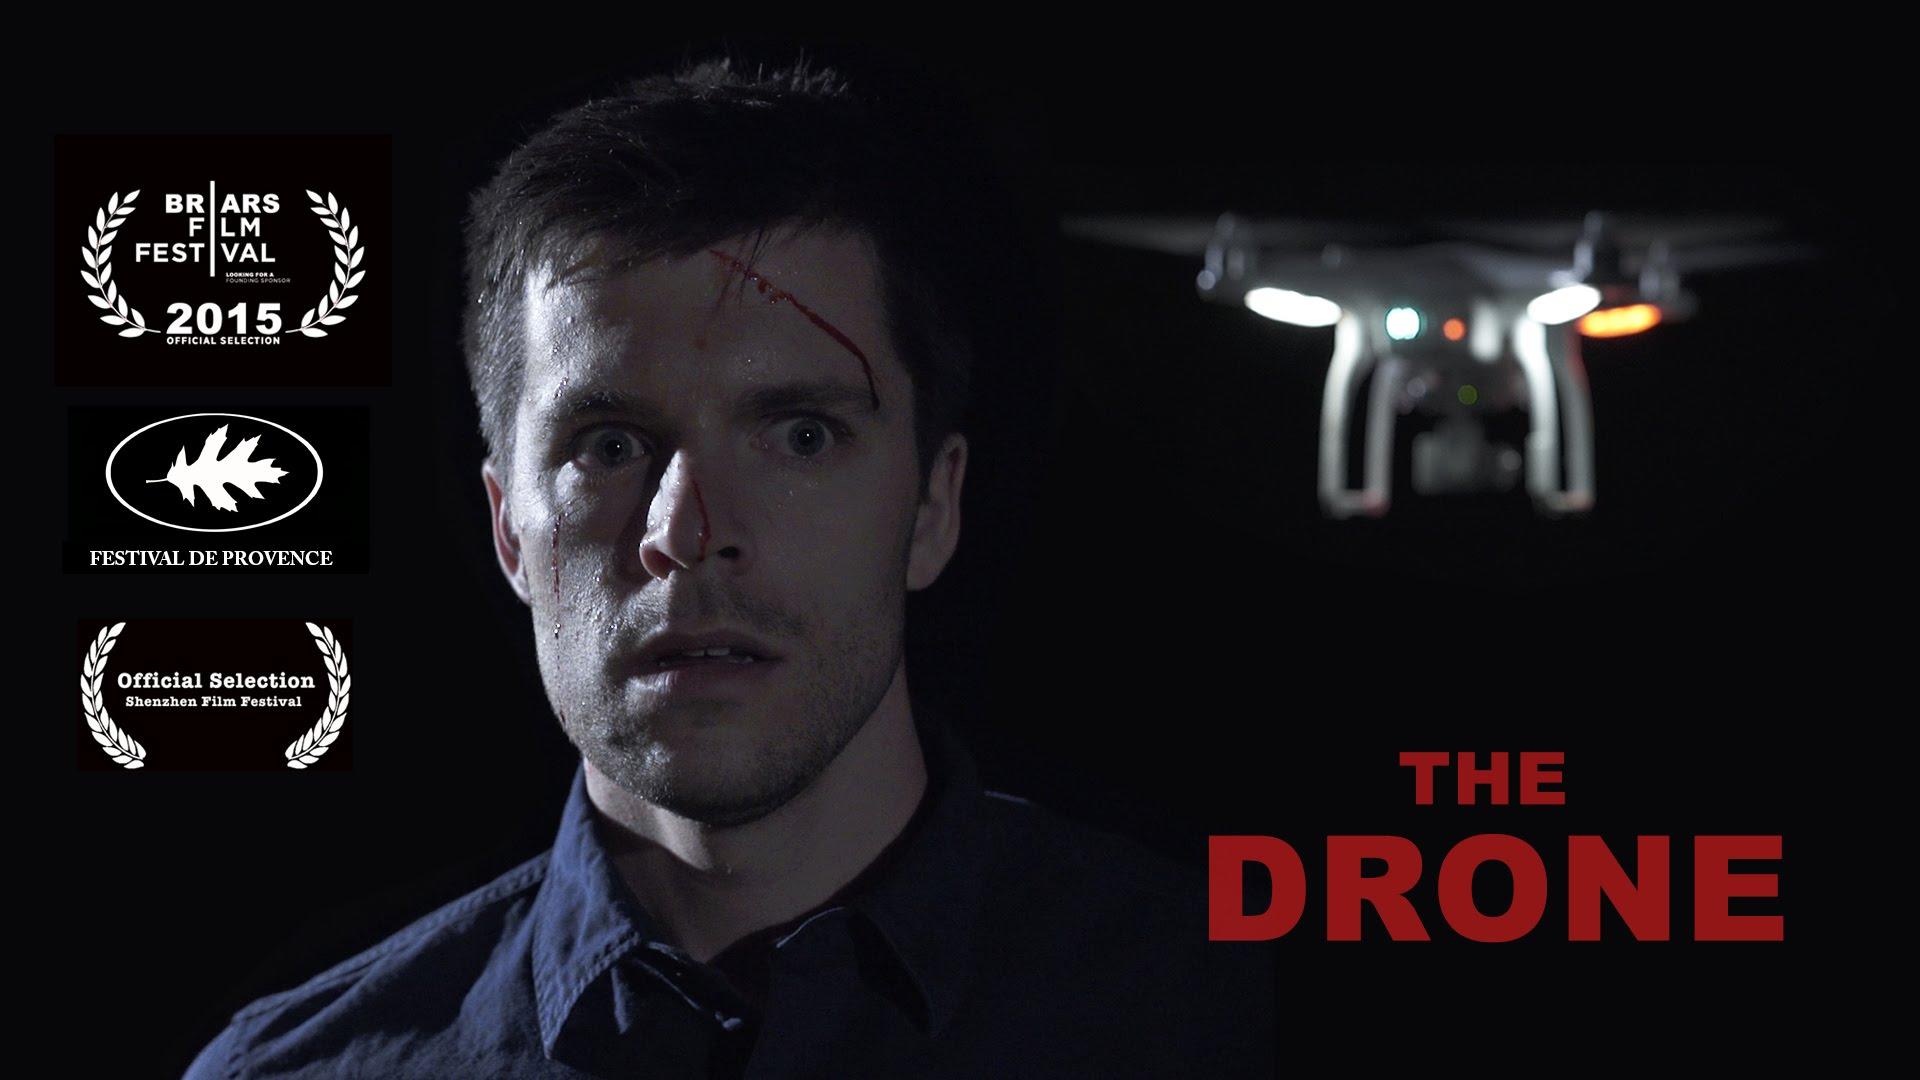 No futuro, drones com inteligência artificial tentarão nos matar